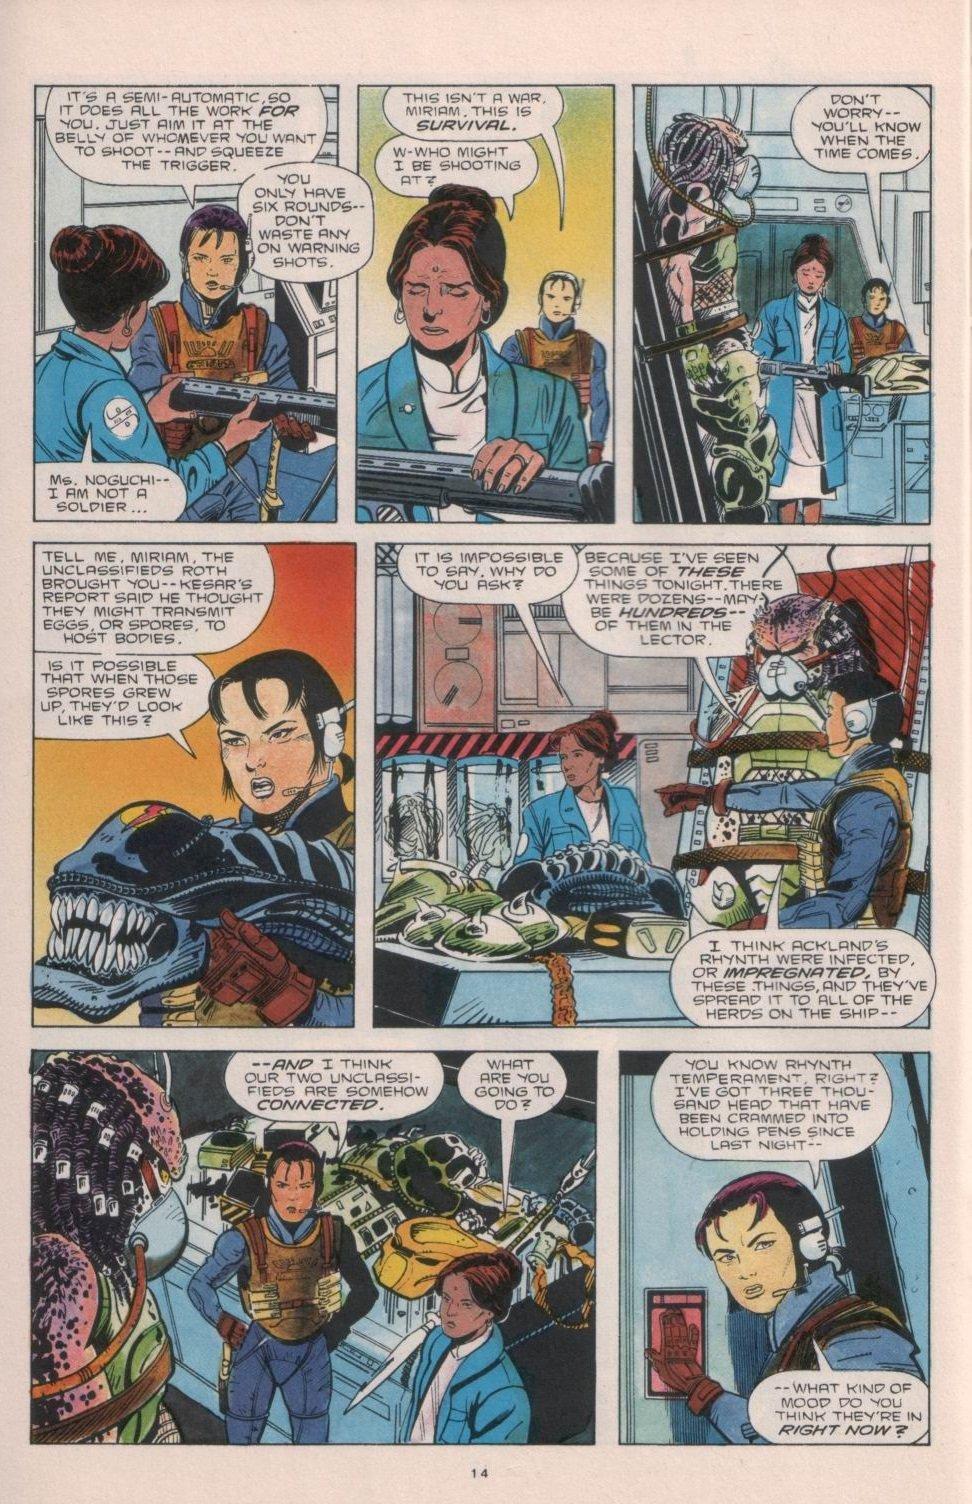 Бэтмен против Чужого?! Безумные комикс-кроссоверы сксеноморфами. - Изображение 5